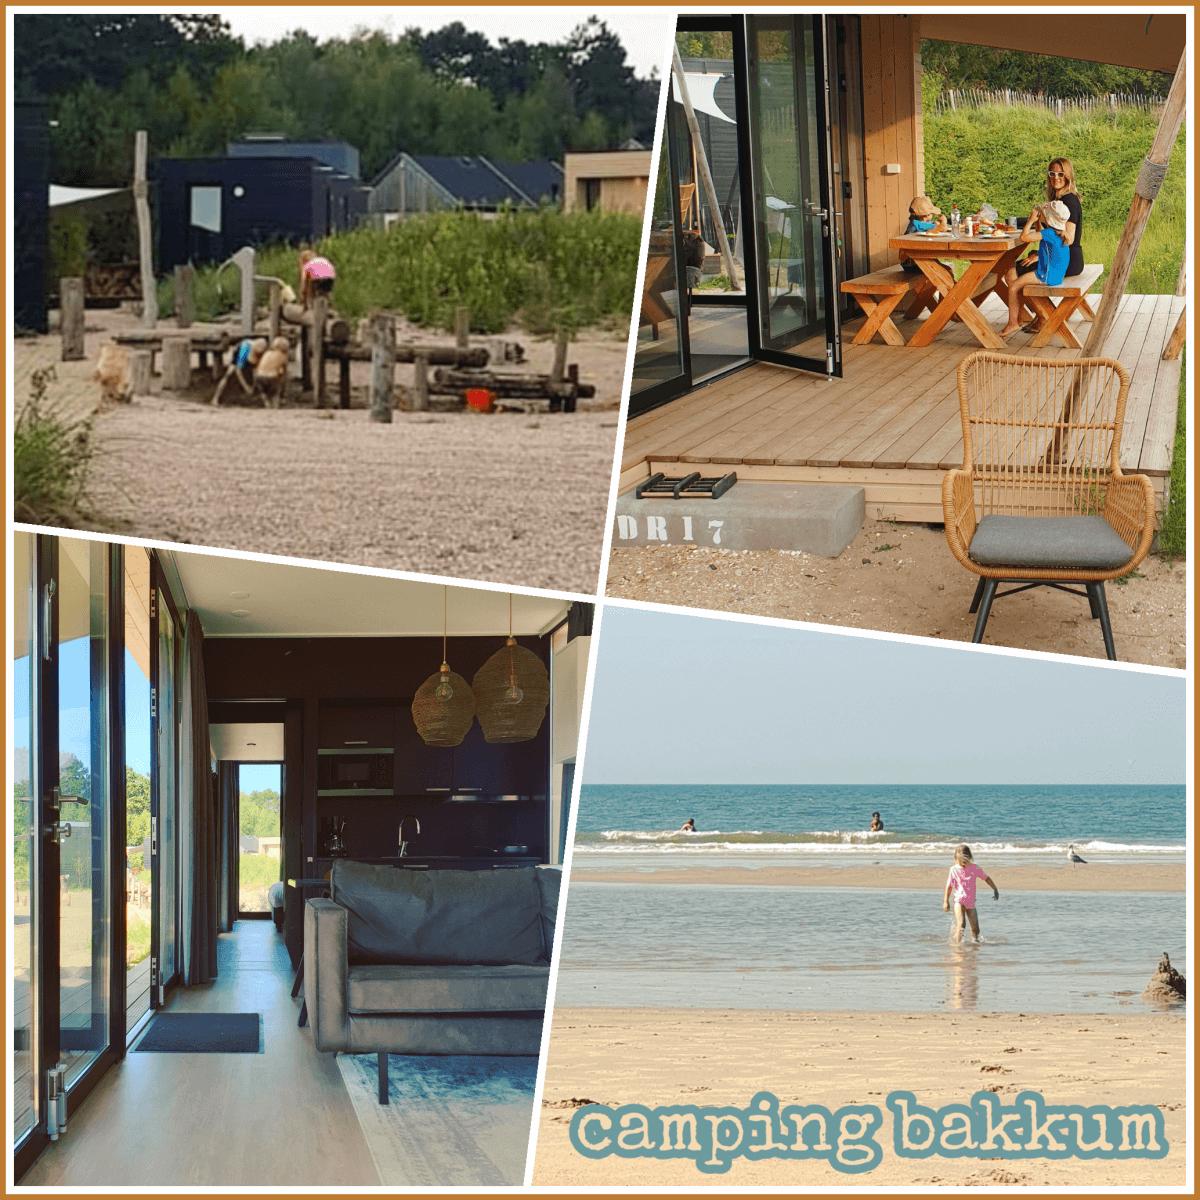 Camping Bakkum kamperen, hippe stacaravans en luxe huisjes